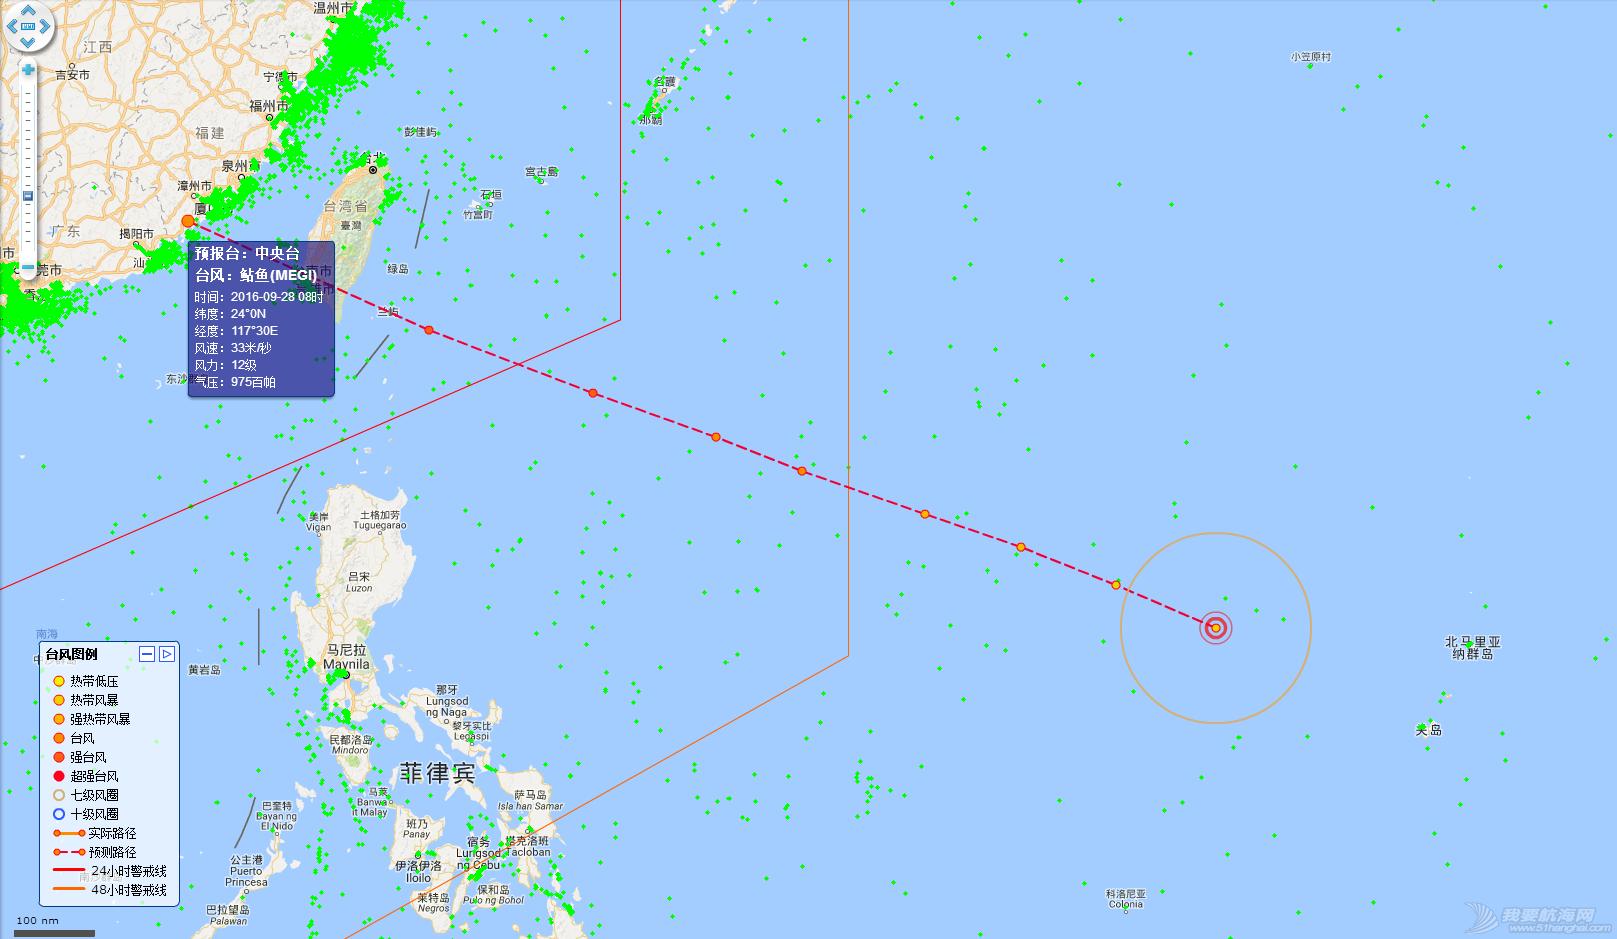 台湾,台风,气象,鲇鱼,MEGI 台风鲇鱼28日将越过台湾登陆大陆 台风鲇鱼行进路线